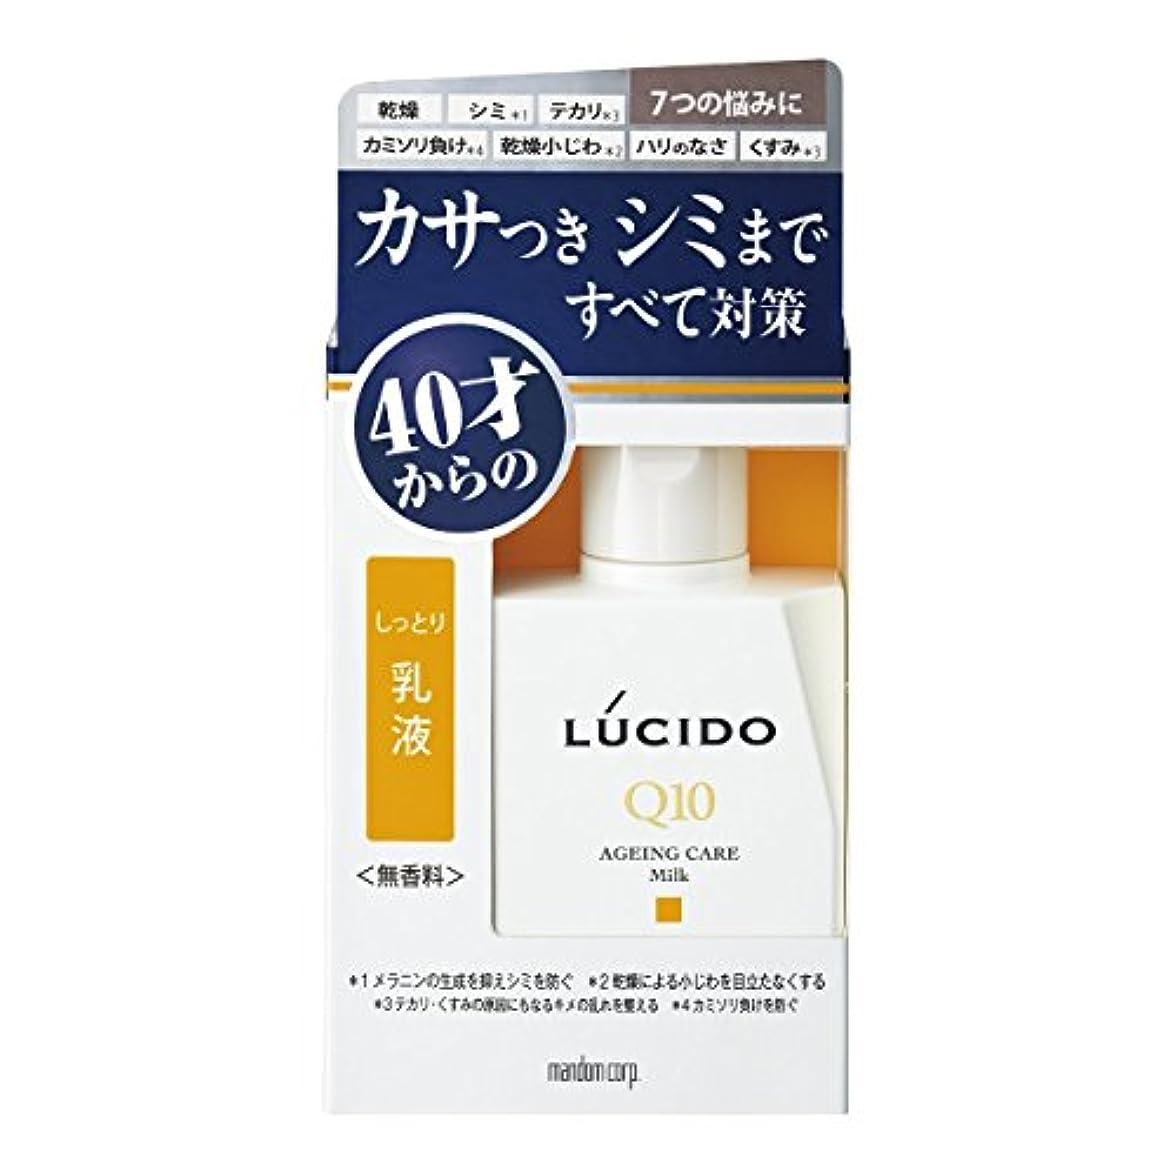 素晴らしき消化器エスカレータールシード 薬用 トータルケア乳液 100mL(医薬部外品)